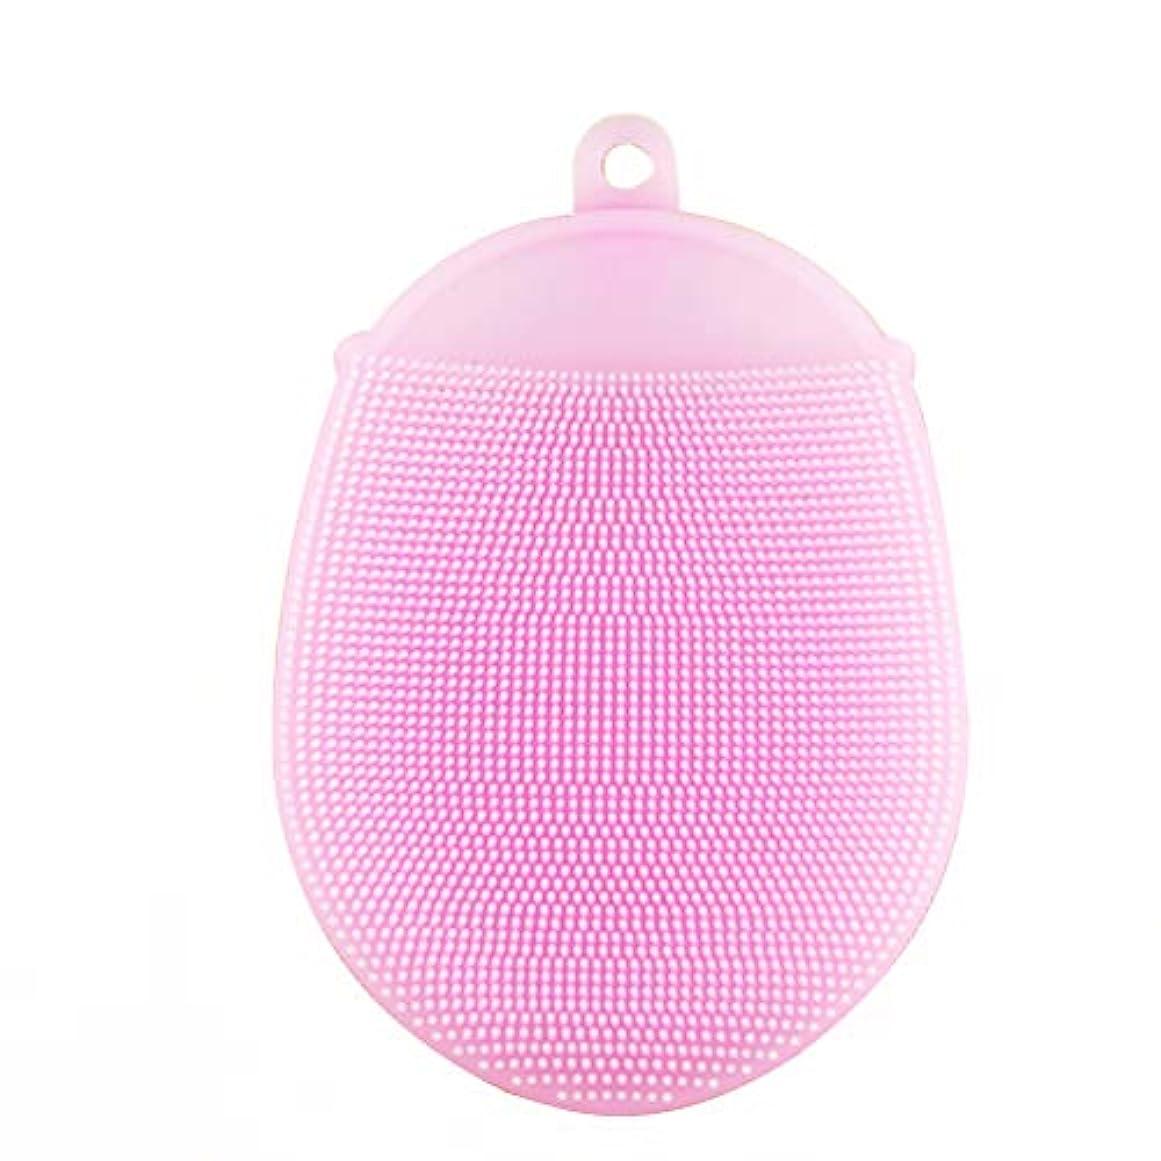 引き出す知性土砂降りHealifty ボディブラシ2本シリコン入浴ブラシ抗菌シャワースクラバー洗顔パッド(ピンク)